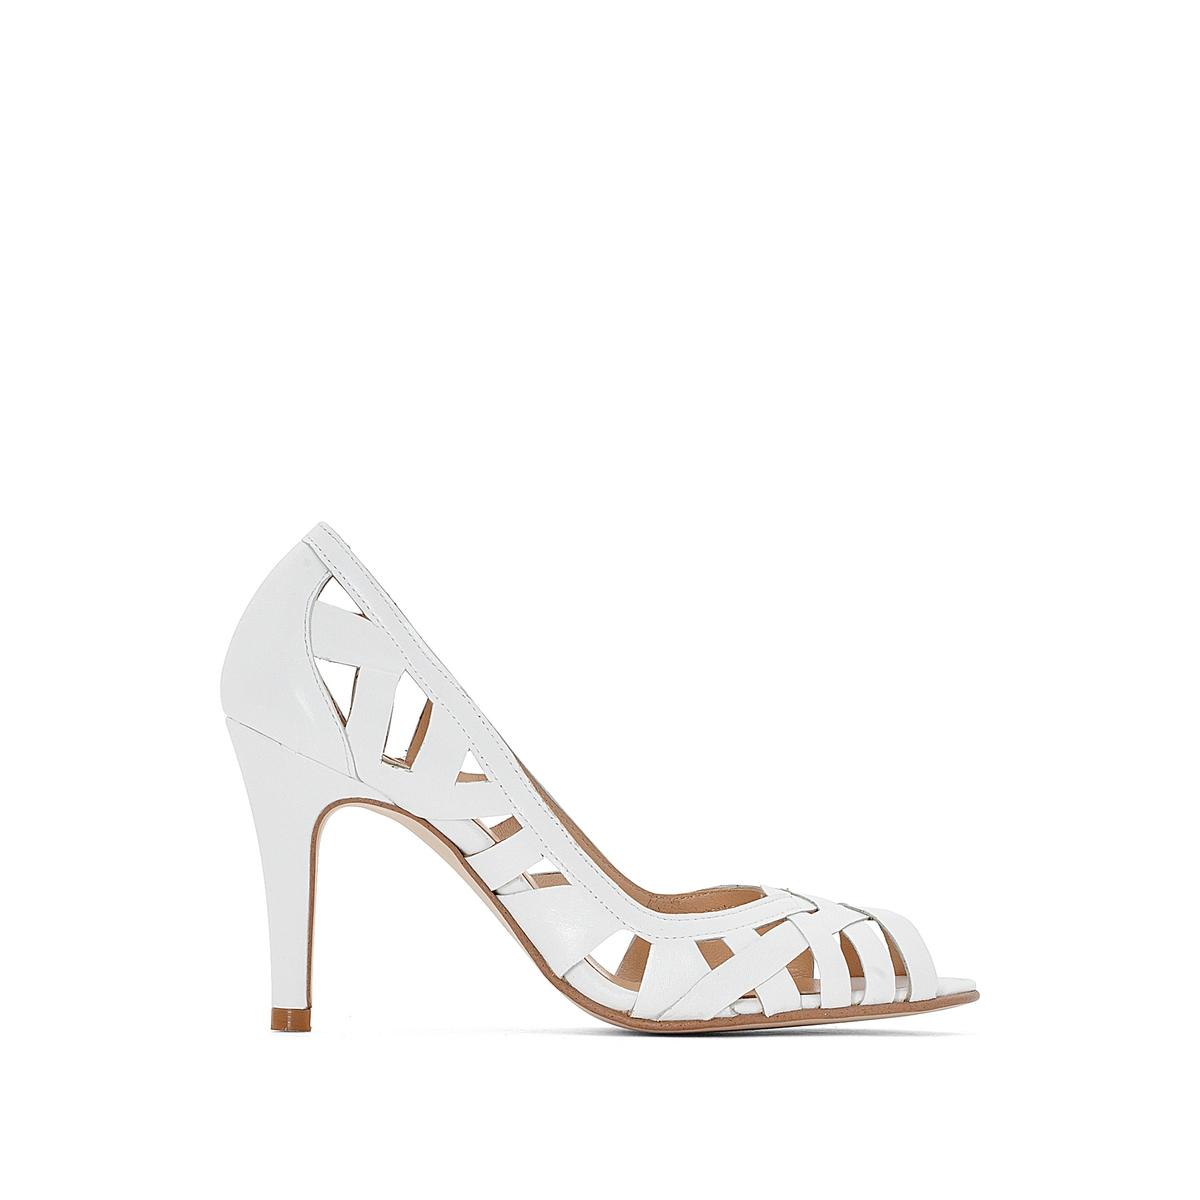 Туфли кожаные DjenyВерх : Кожа.   Подкладка : Кожа.   Стелька : Кожа.   Подошва : эластомер   Высота каблука : 8 см   Форма каблука : шпилька   Мысок : закругленный   Застежка : без застежки<br><br>Цвет: белый,коньячный<br>Размер: 39